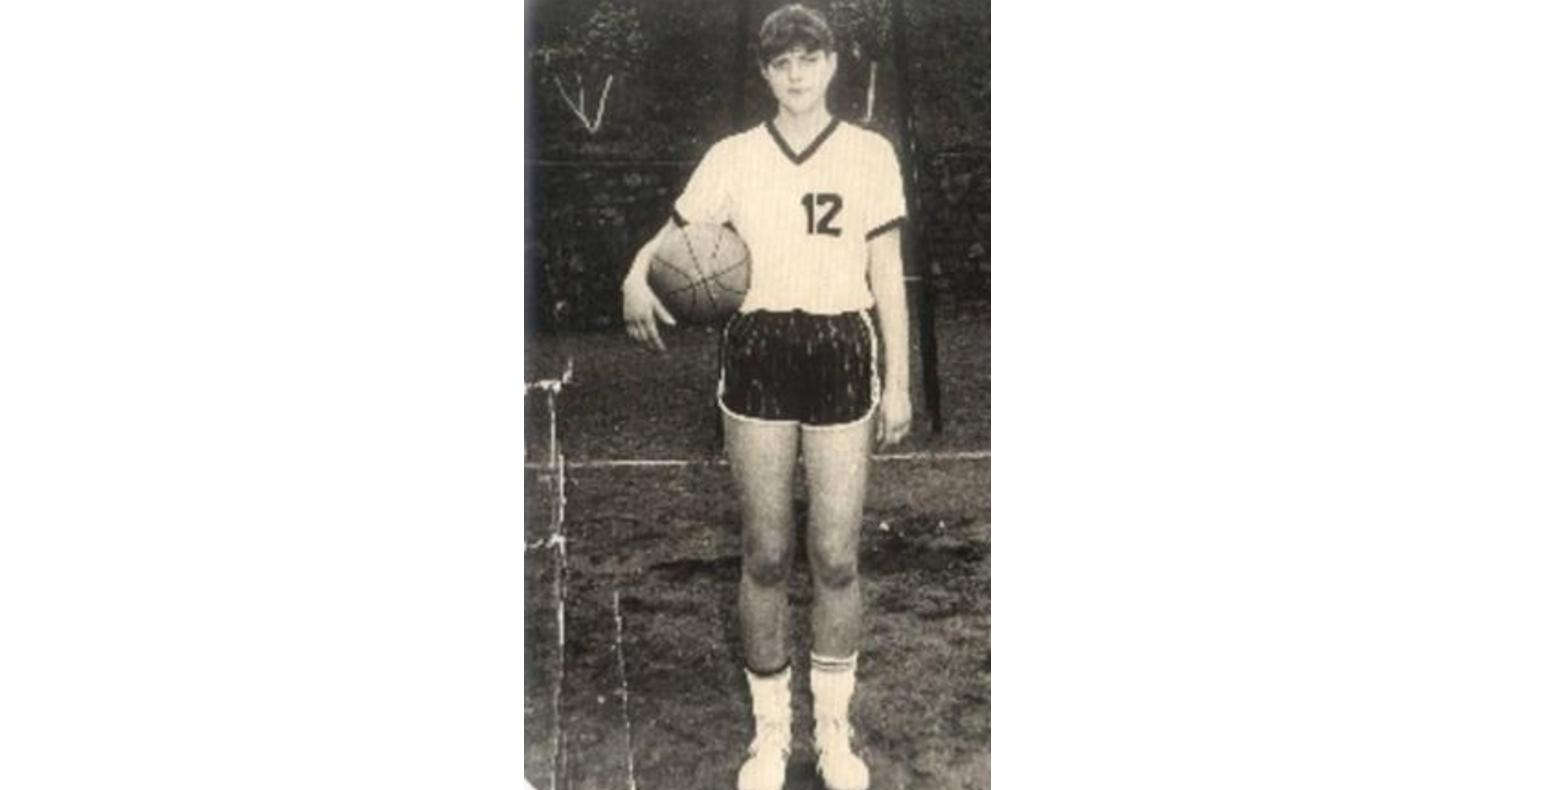 Codruța Kovesi pe vremea când juca baschet în lotul național. Acum au selecționat-o la lotul european, să arunce tot PSD-ulla coș